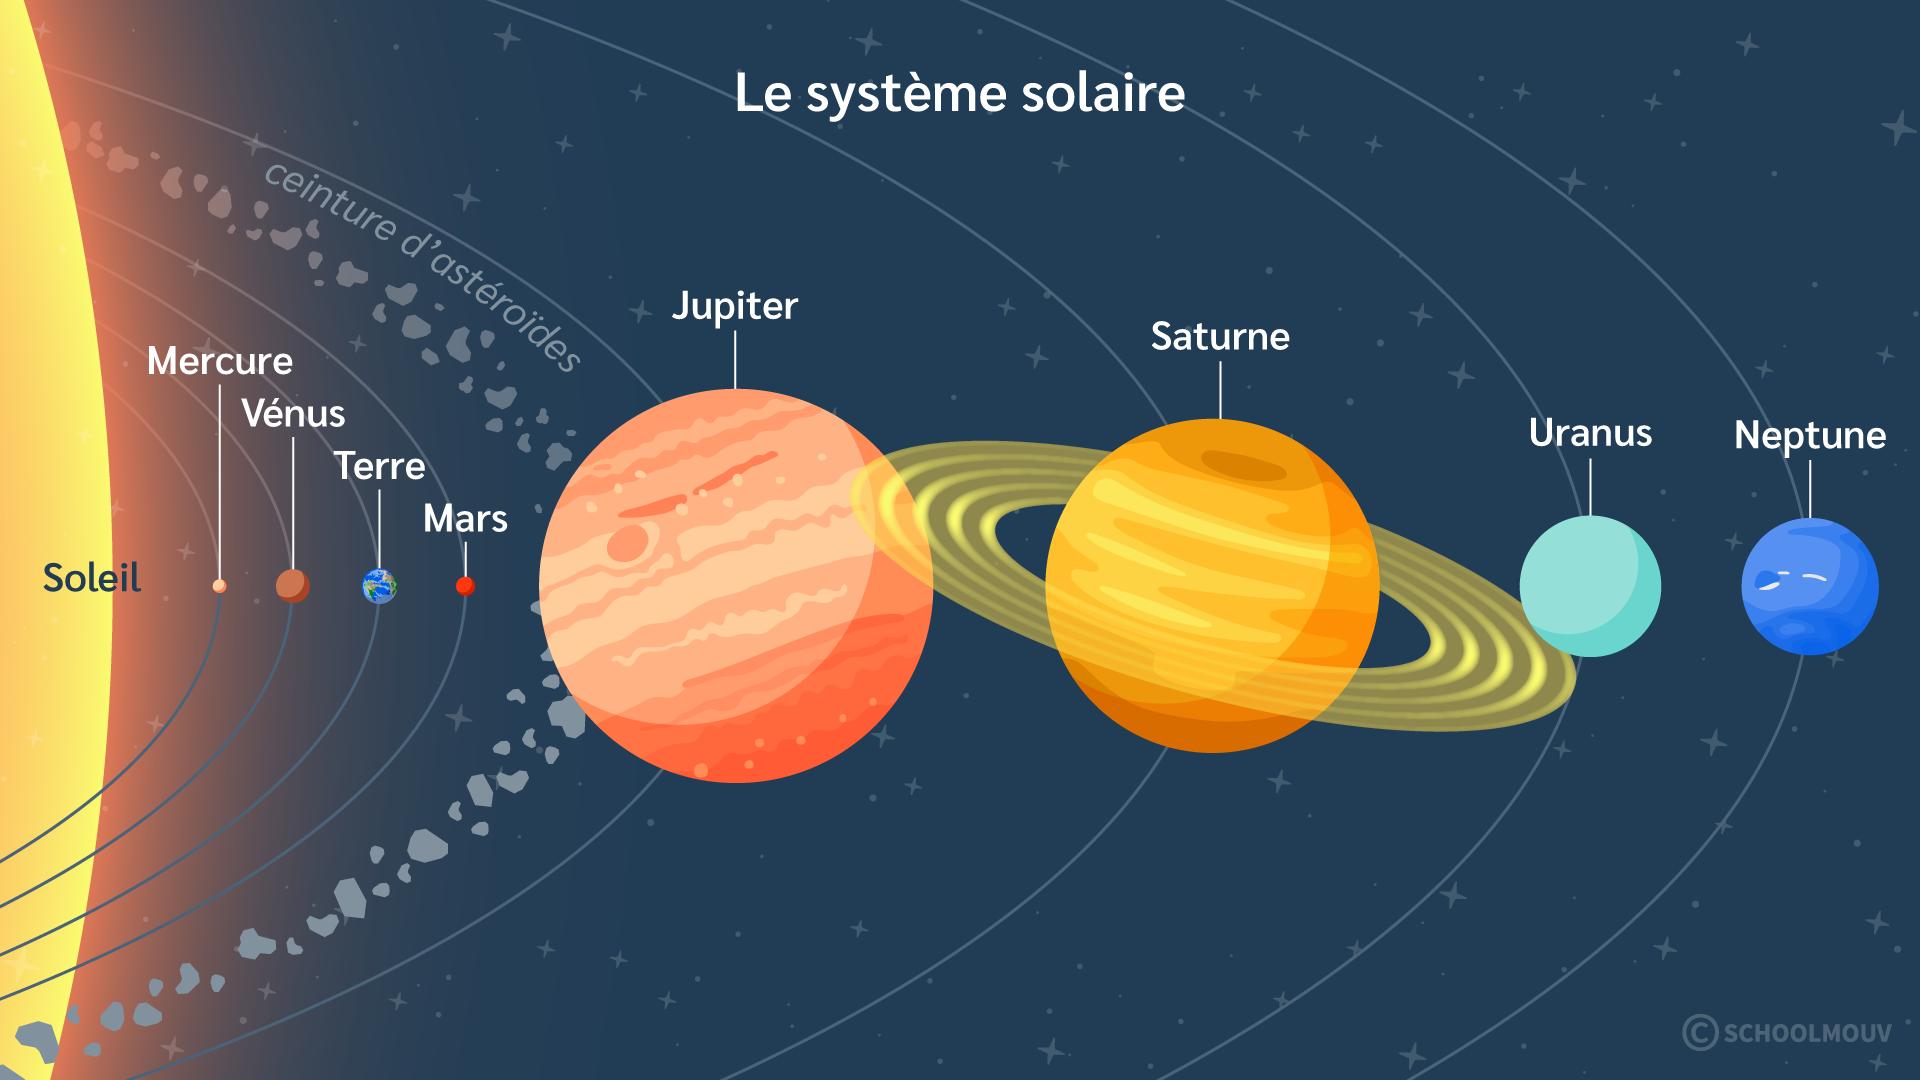 Primaire cm1 sciences technologies terre système solaire planètes